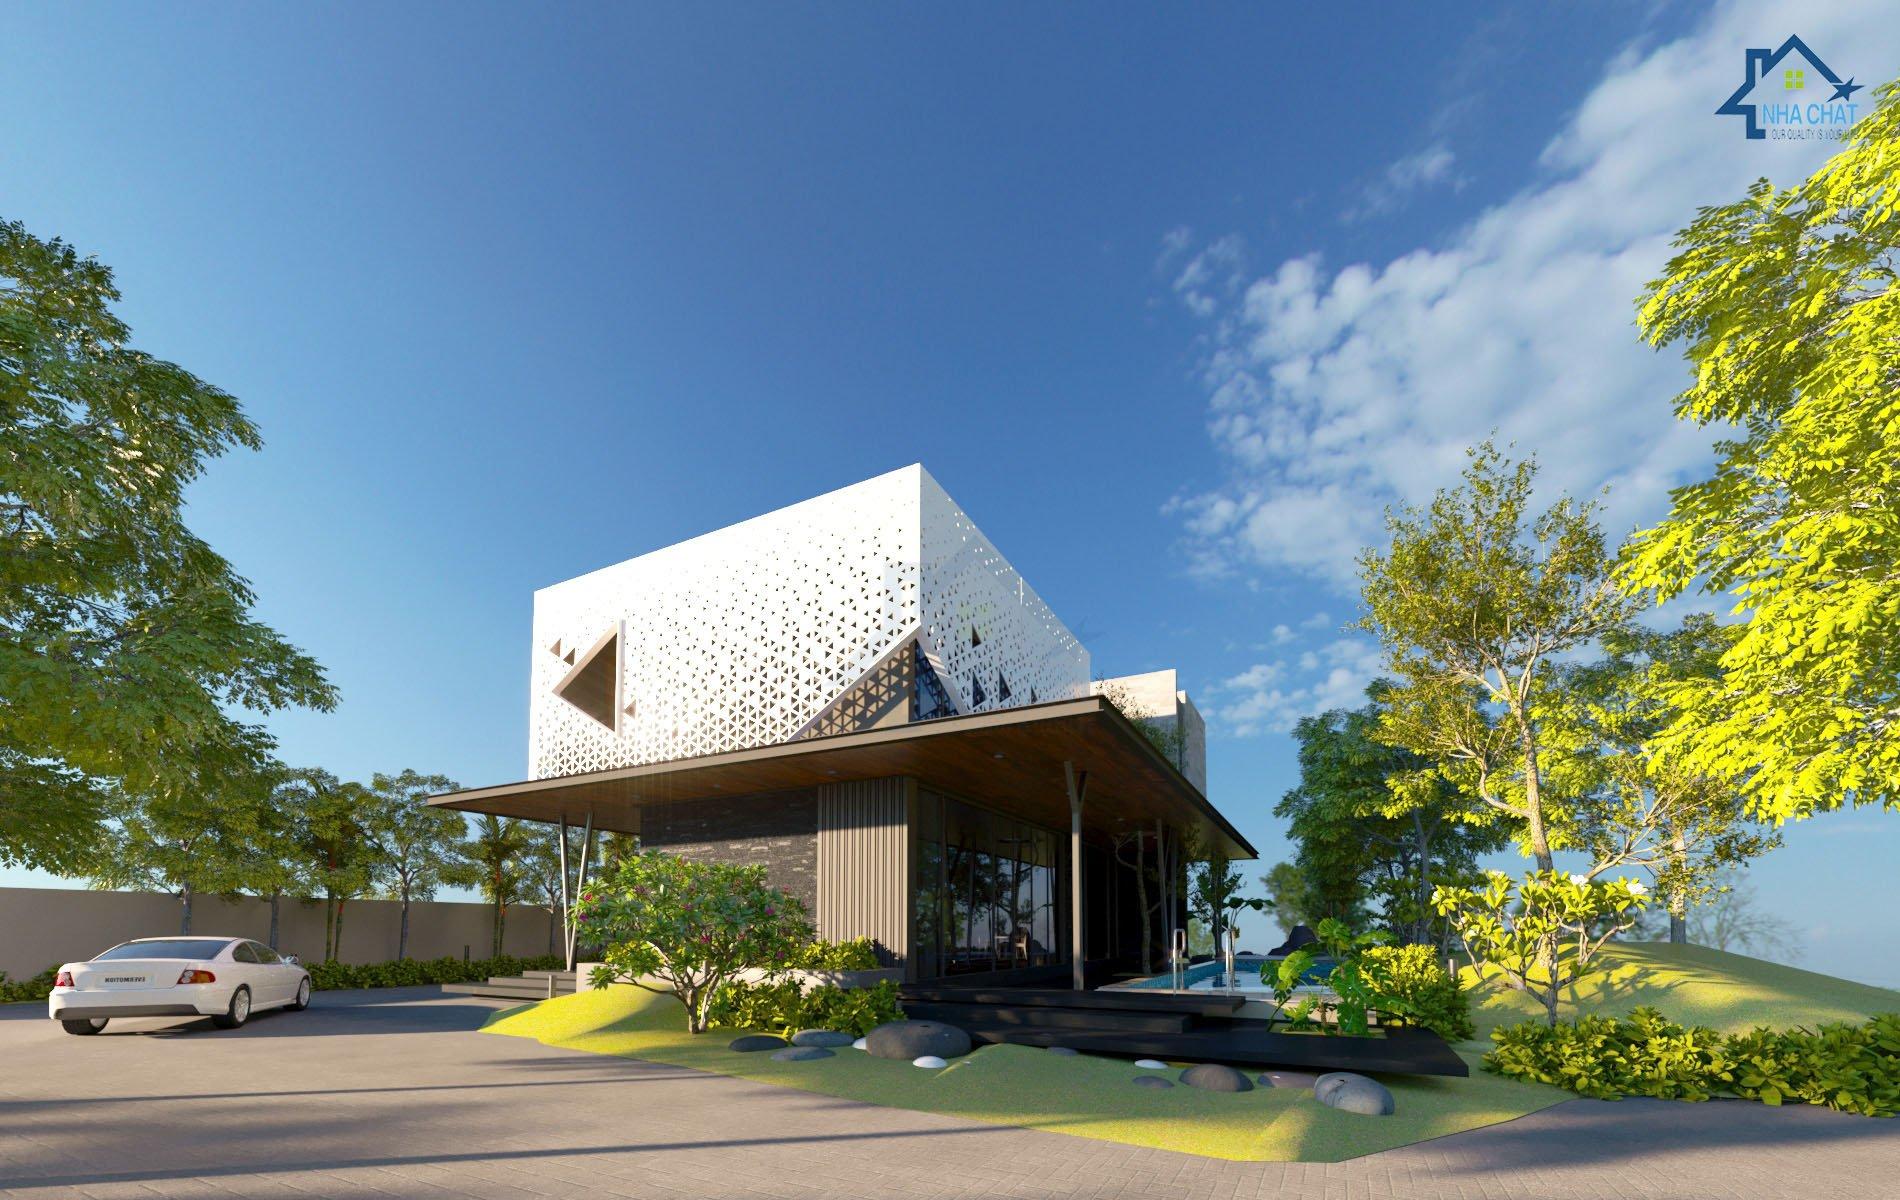 Thiết kế biệt thự hiện đại Nam Định